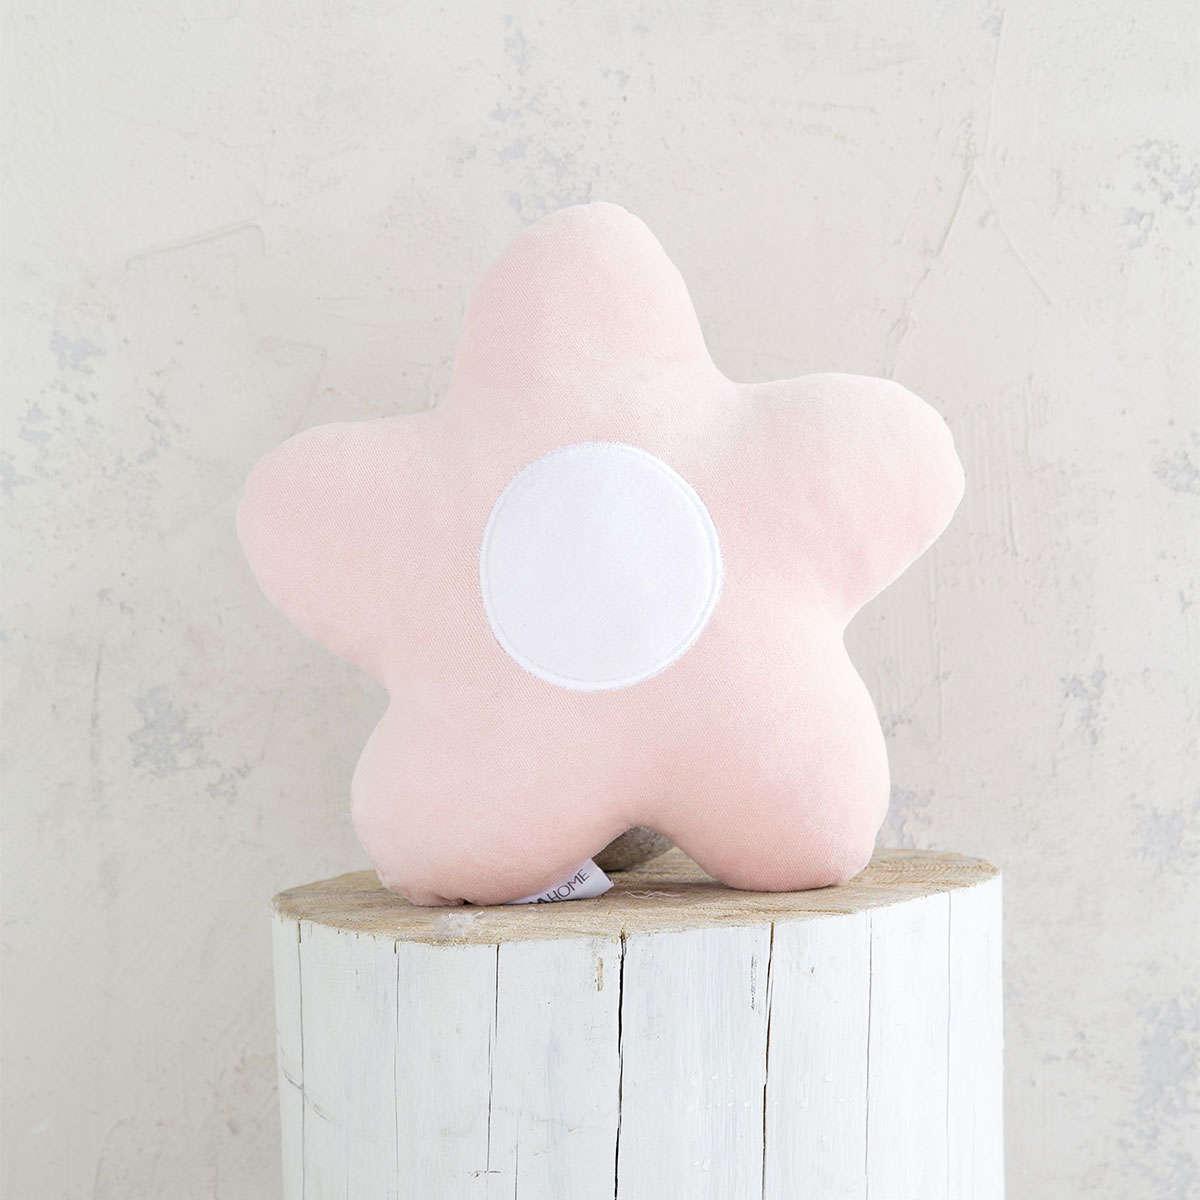 Μαξιλαράκι Παιδικό Διακοσμητικό – Daisy Pink Nima 40Χ40 40x40cm